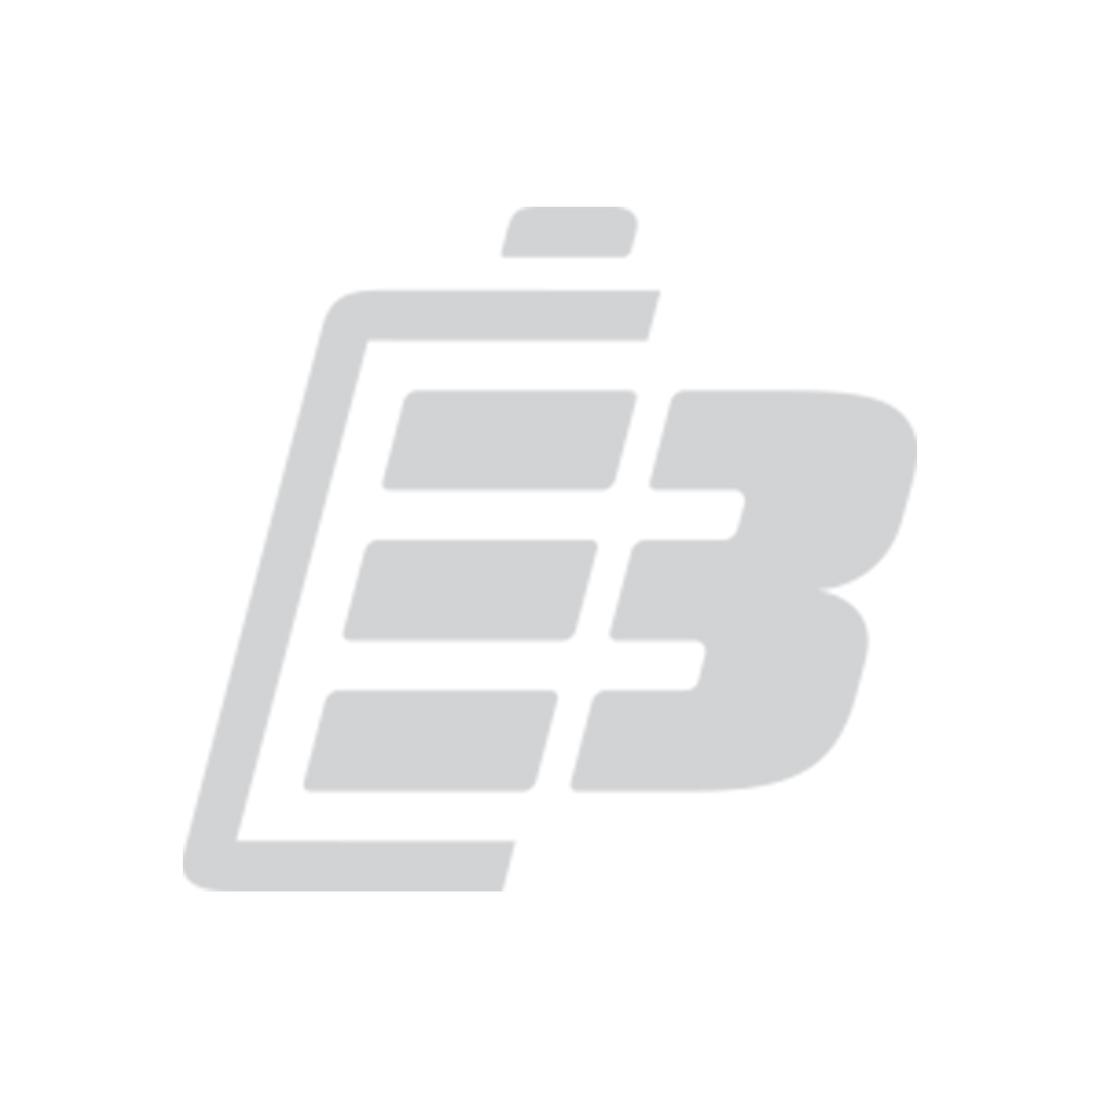 Μπαταρια Επαναφορτιζομενη Duracell AAA 900mah 1